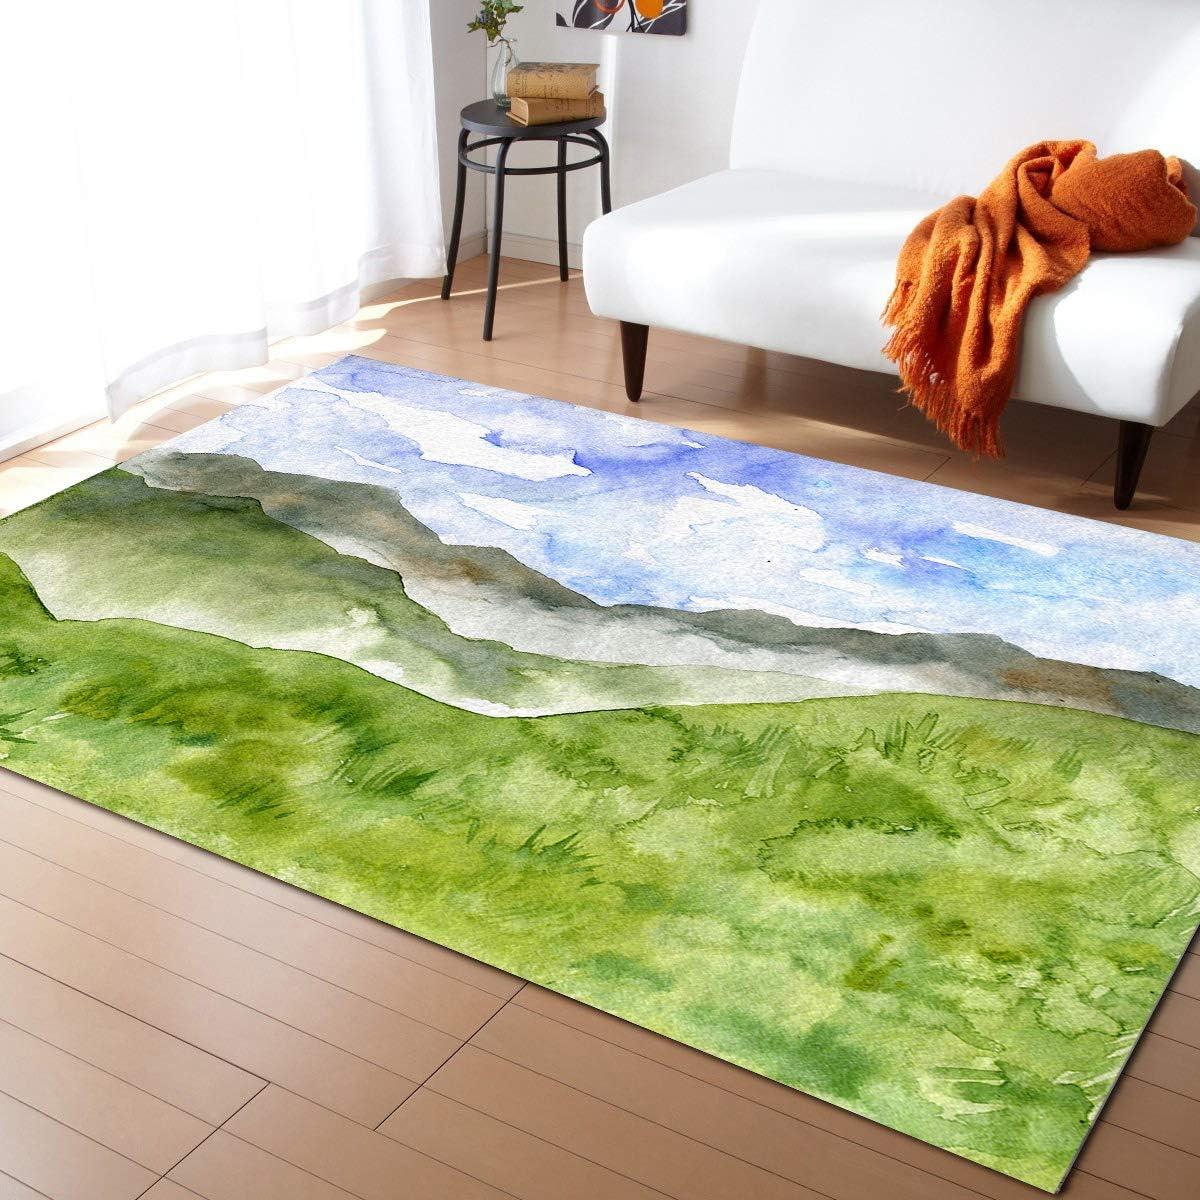 Modern Contemporary Area Rug Finally popular brand for Spring Beau Living Dreamy 5 popular Room